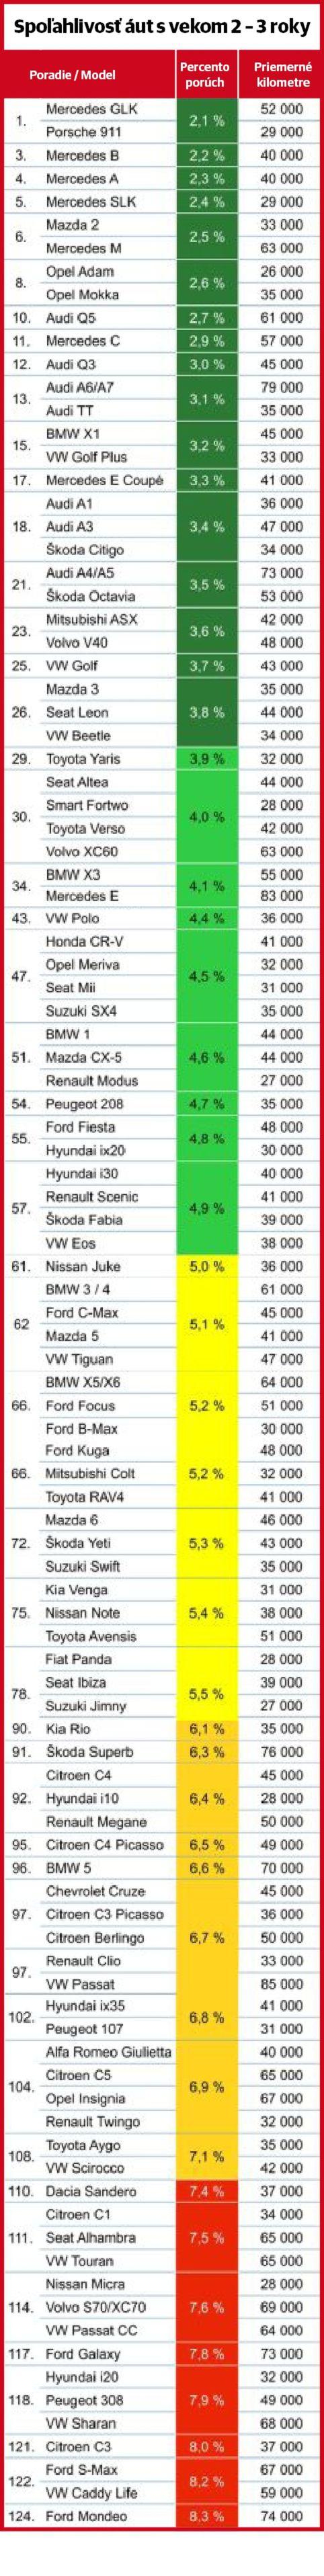 TUV Report - 2017 2-3 roky